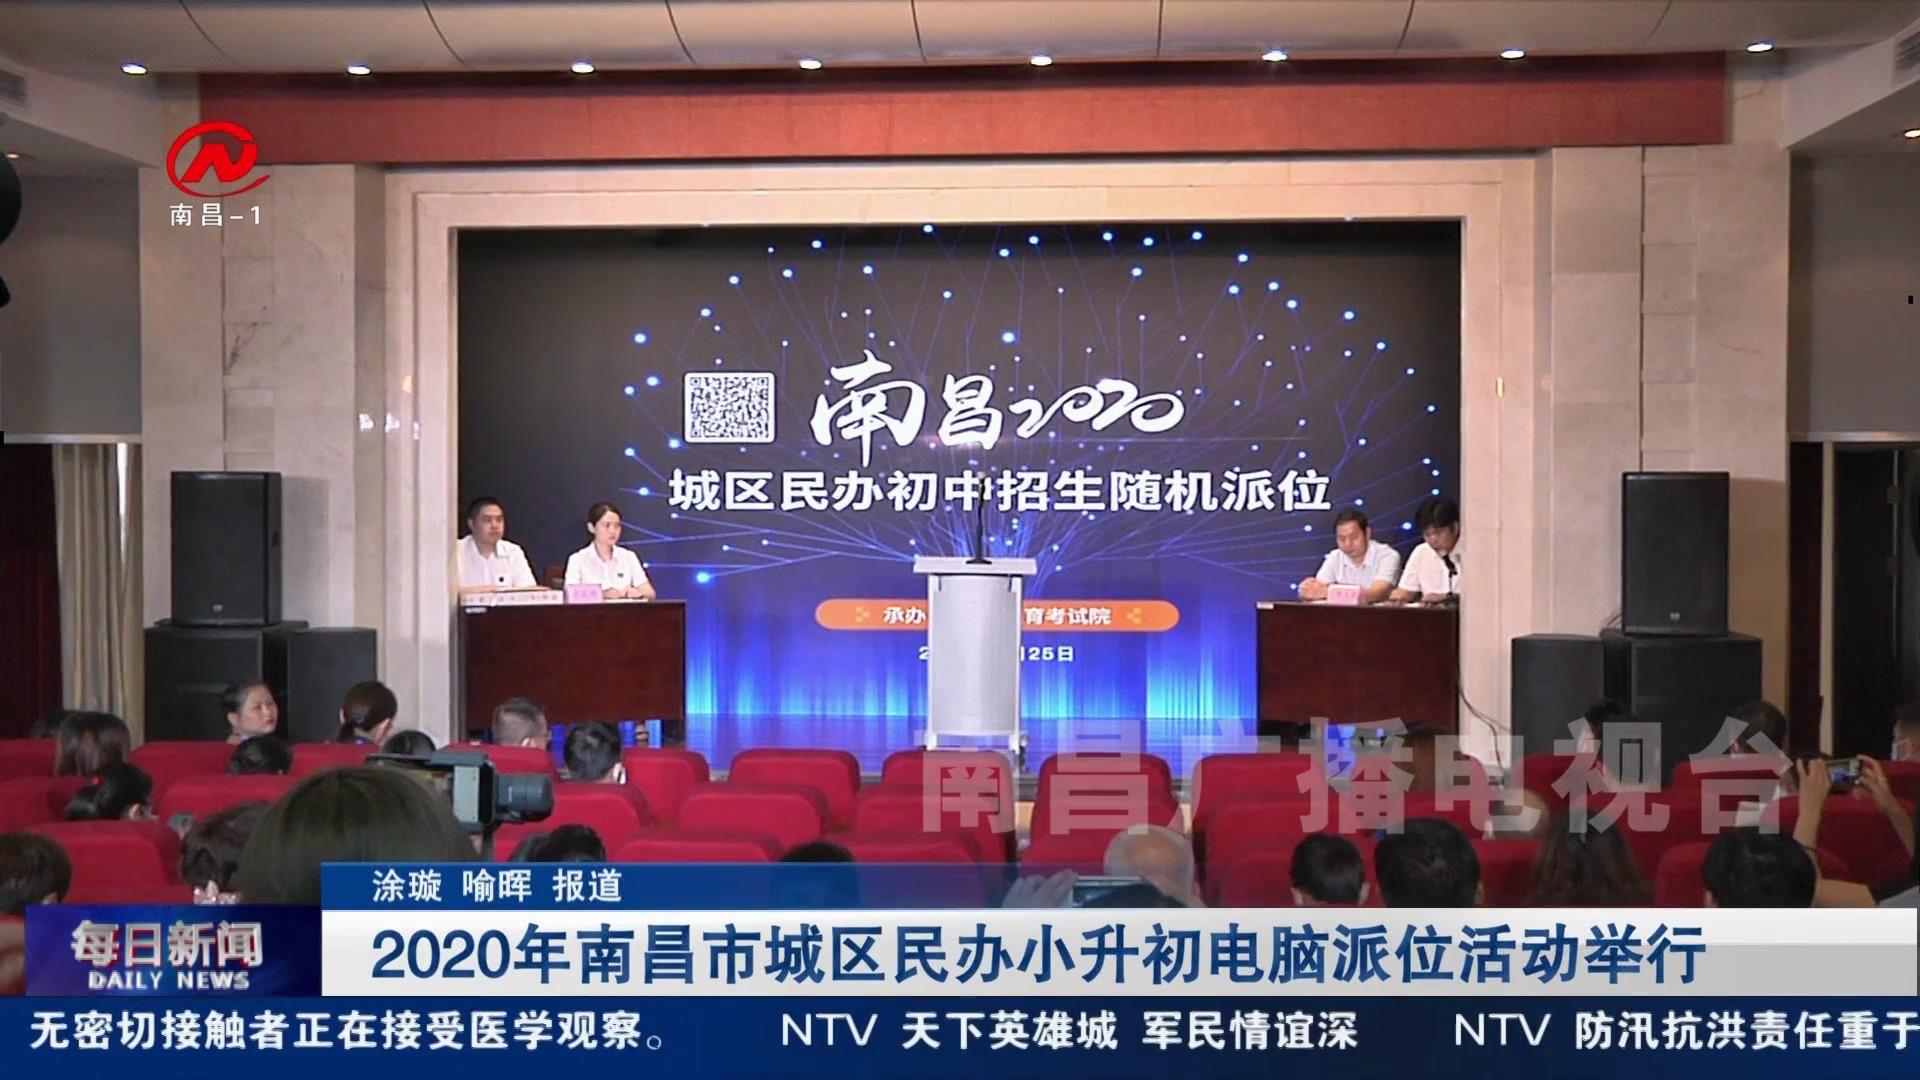 2020年南昌市城區民辦小升初電腦派位活動舉行